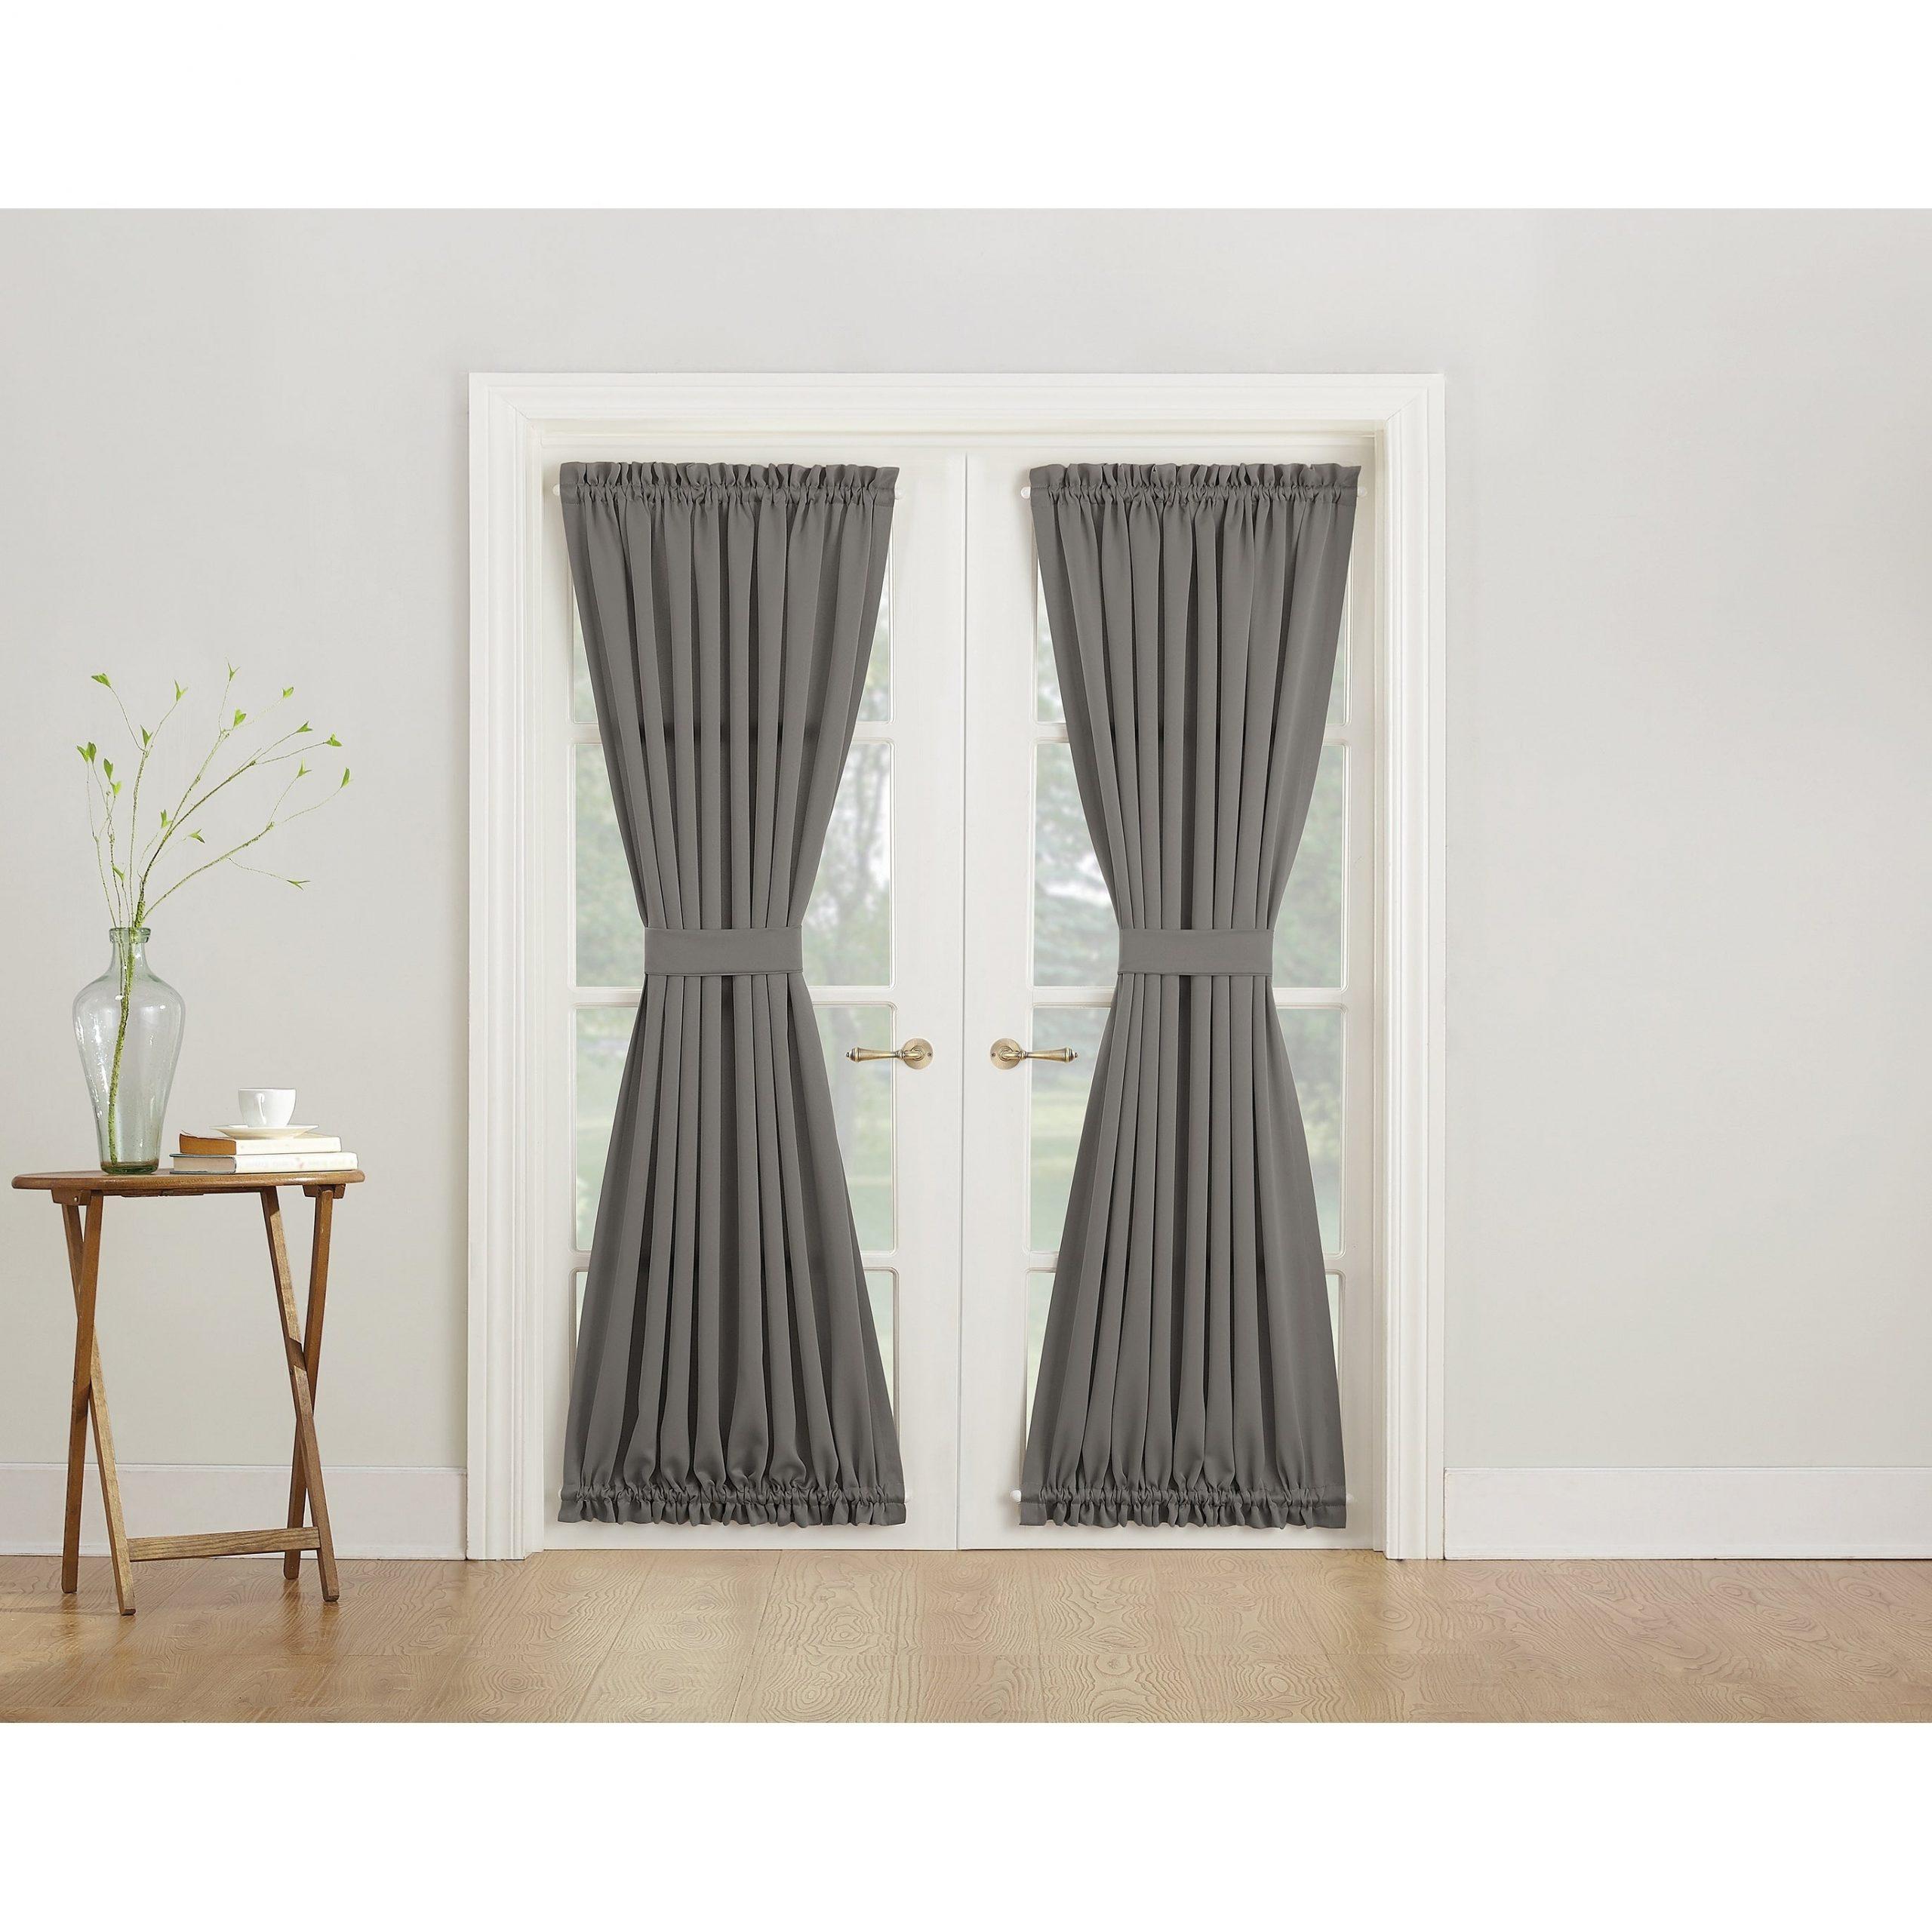 Popular Porch & Den Inez Patio Door Window Curtain Panel In Inez Patio Door Window Curtain Panels (View 2 of 20)